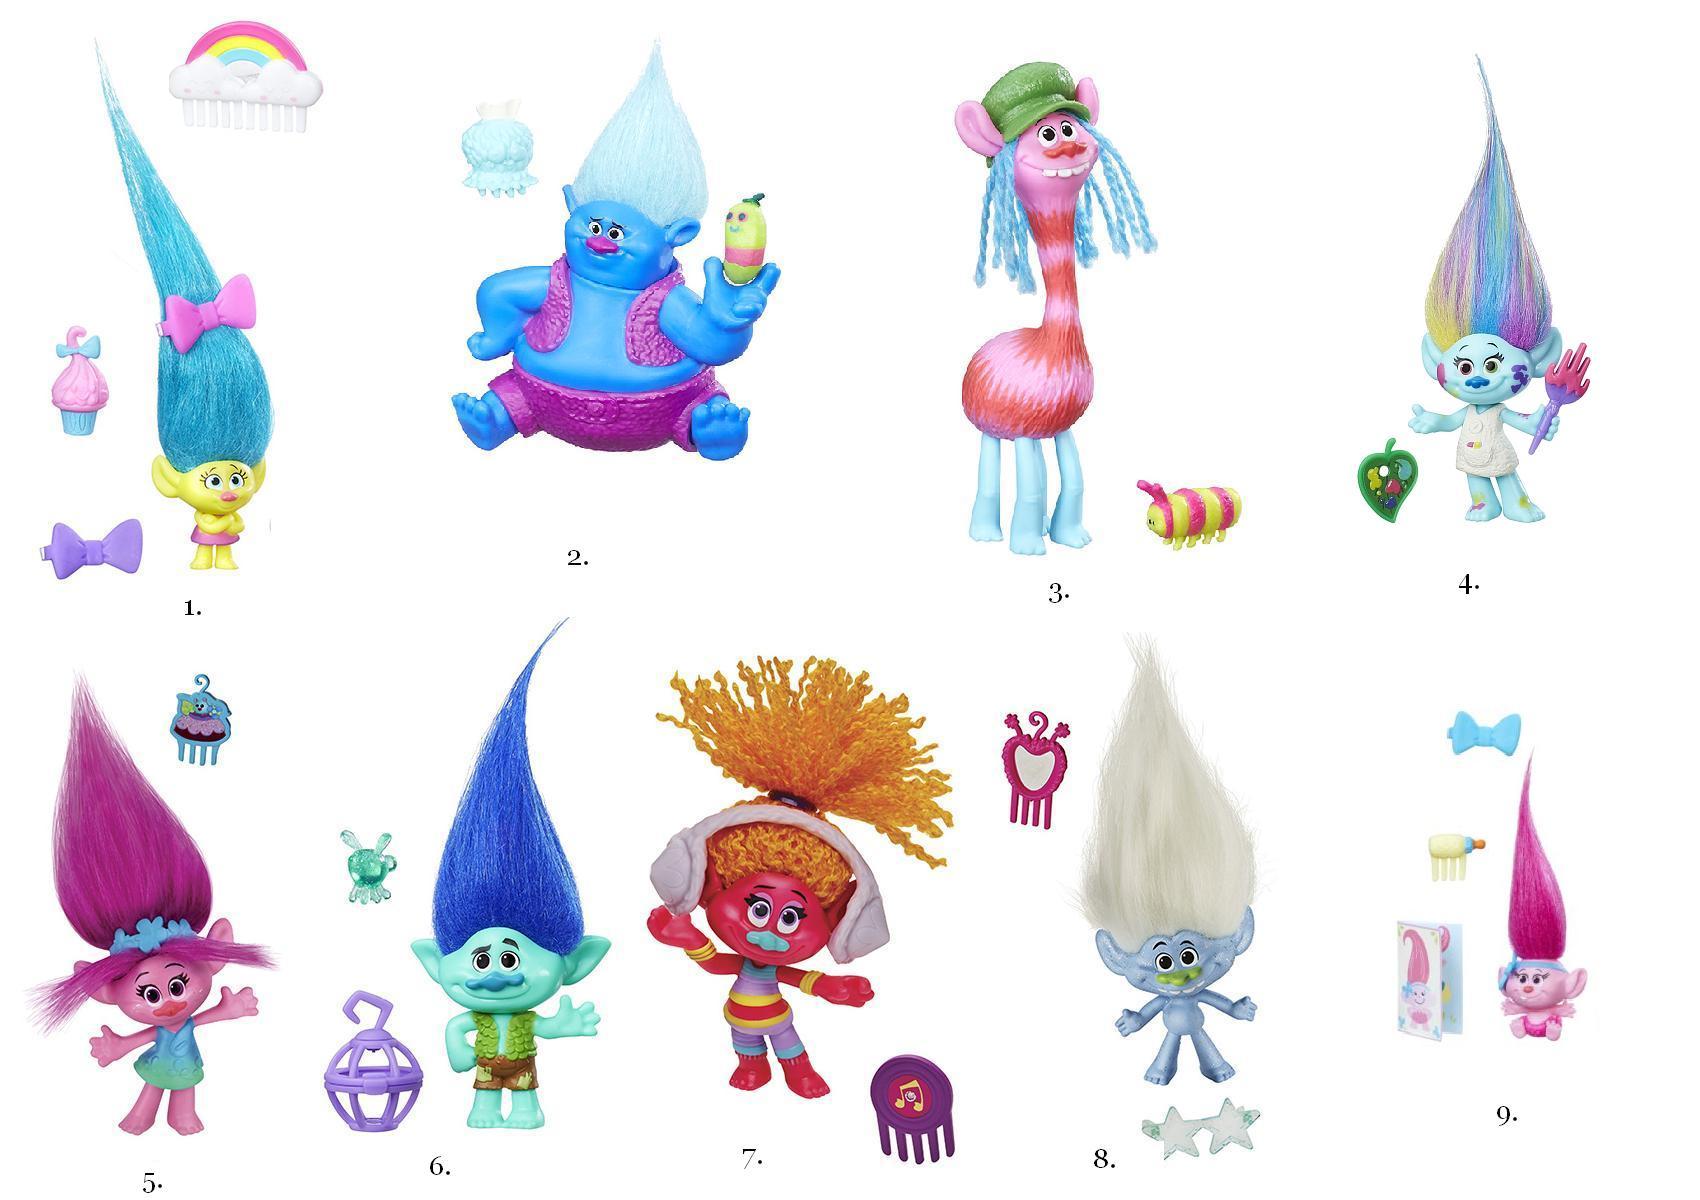 Тролли мультфильм картинки всех персонажей